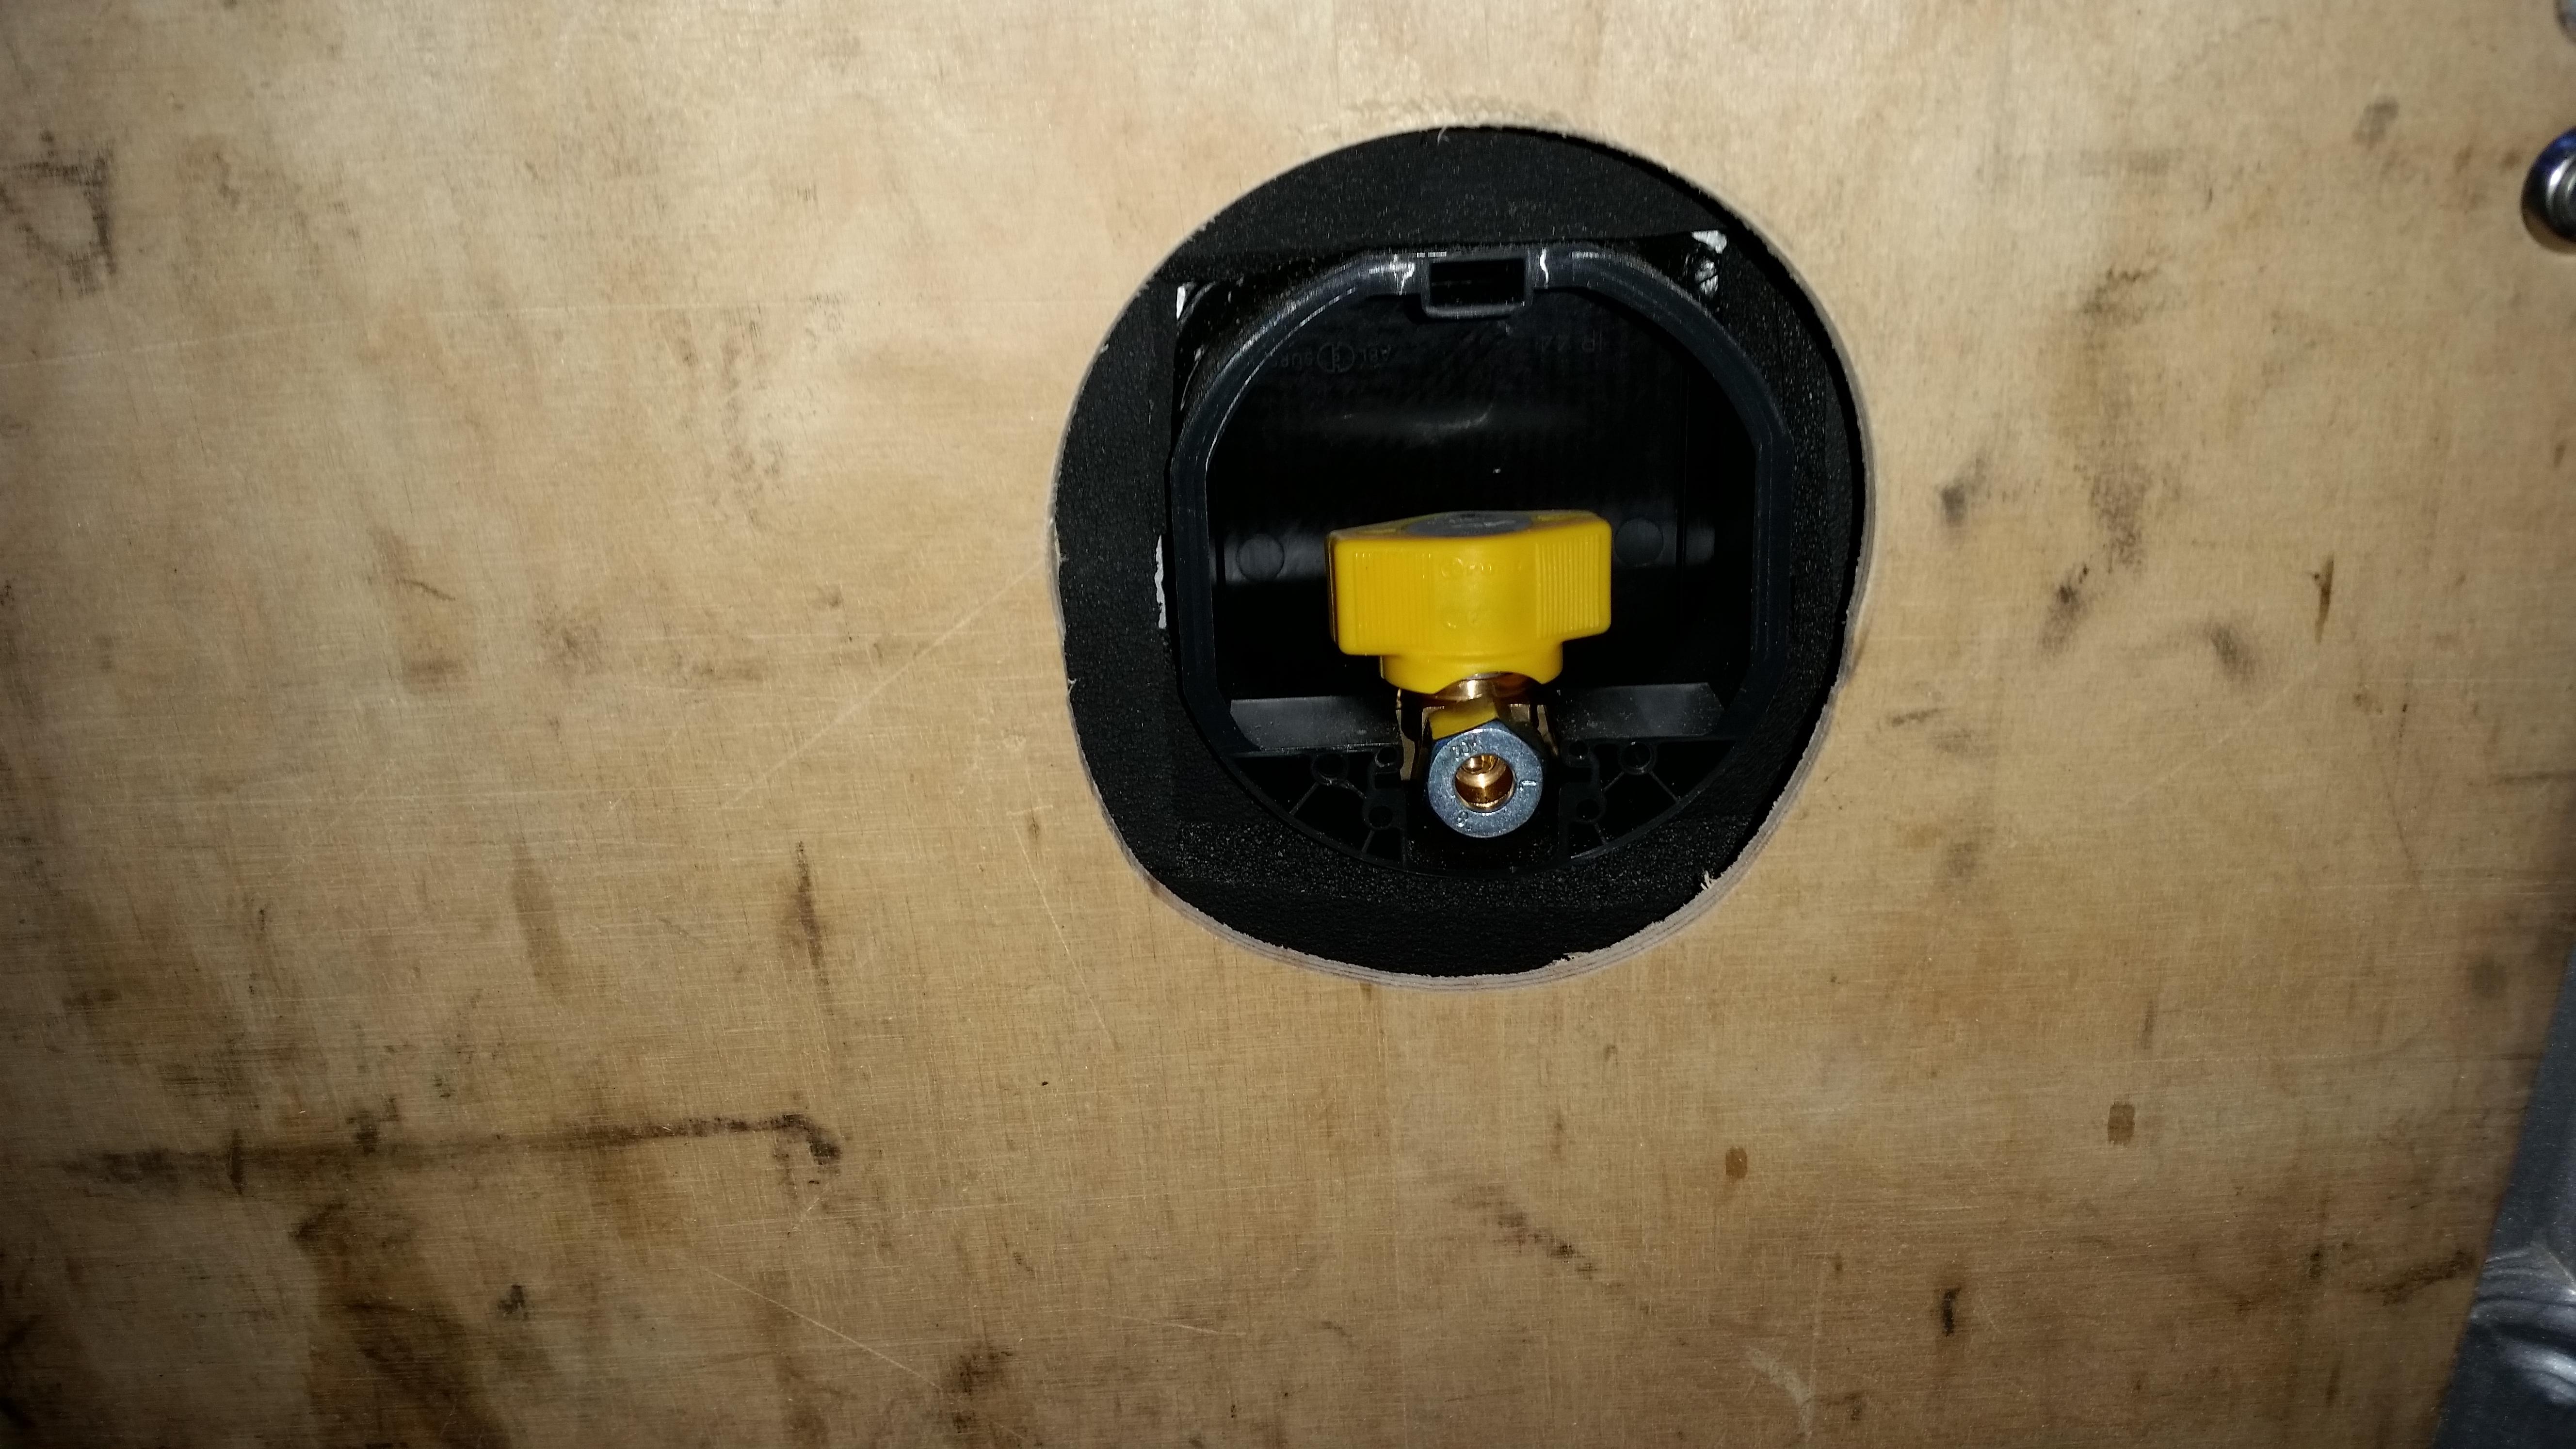 versicherung vorschrift außensteckdosen